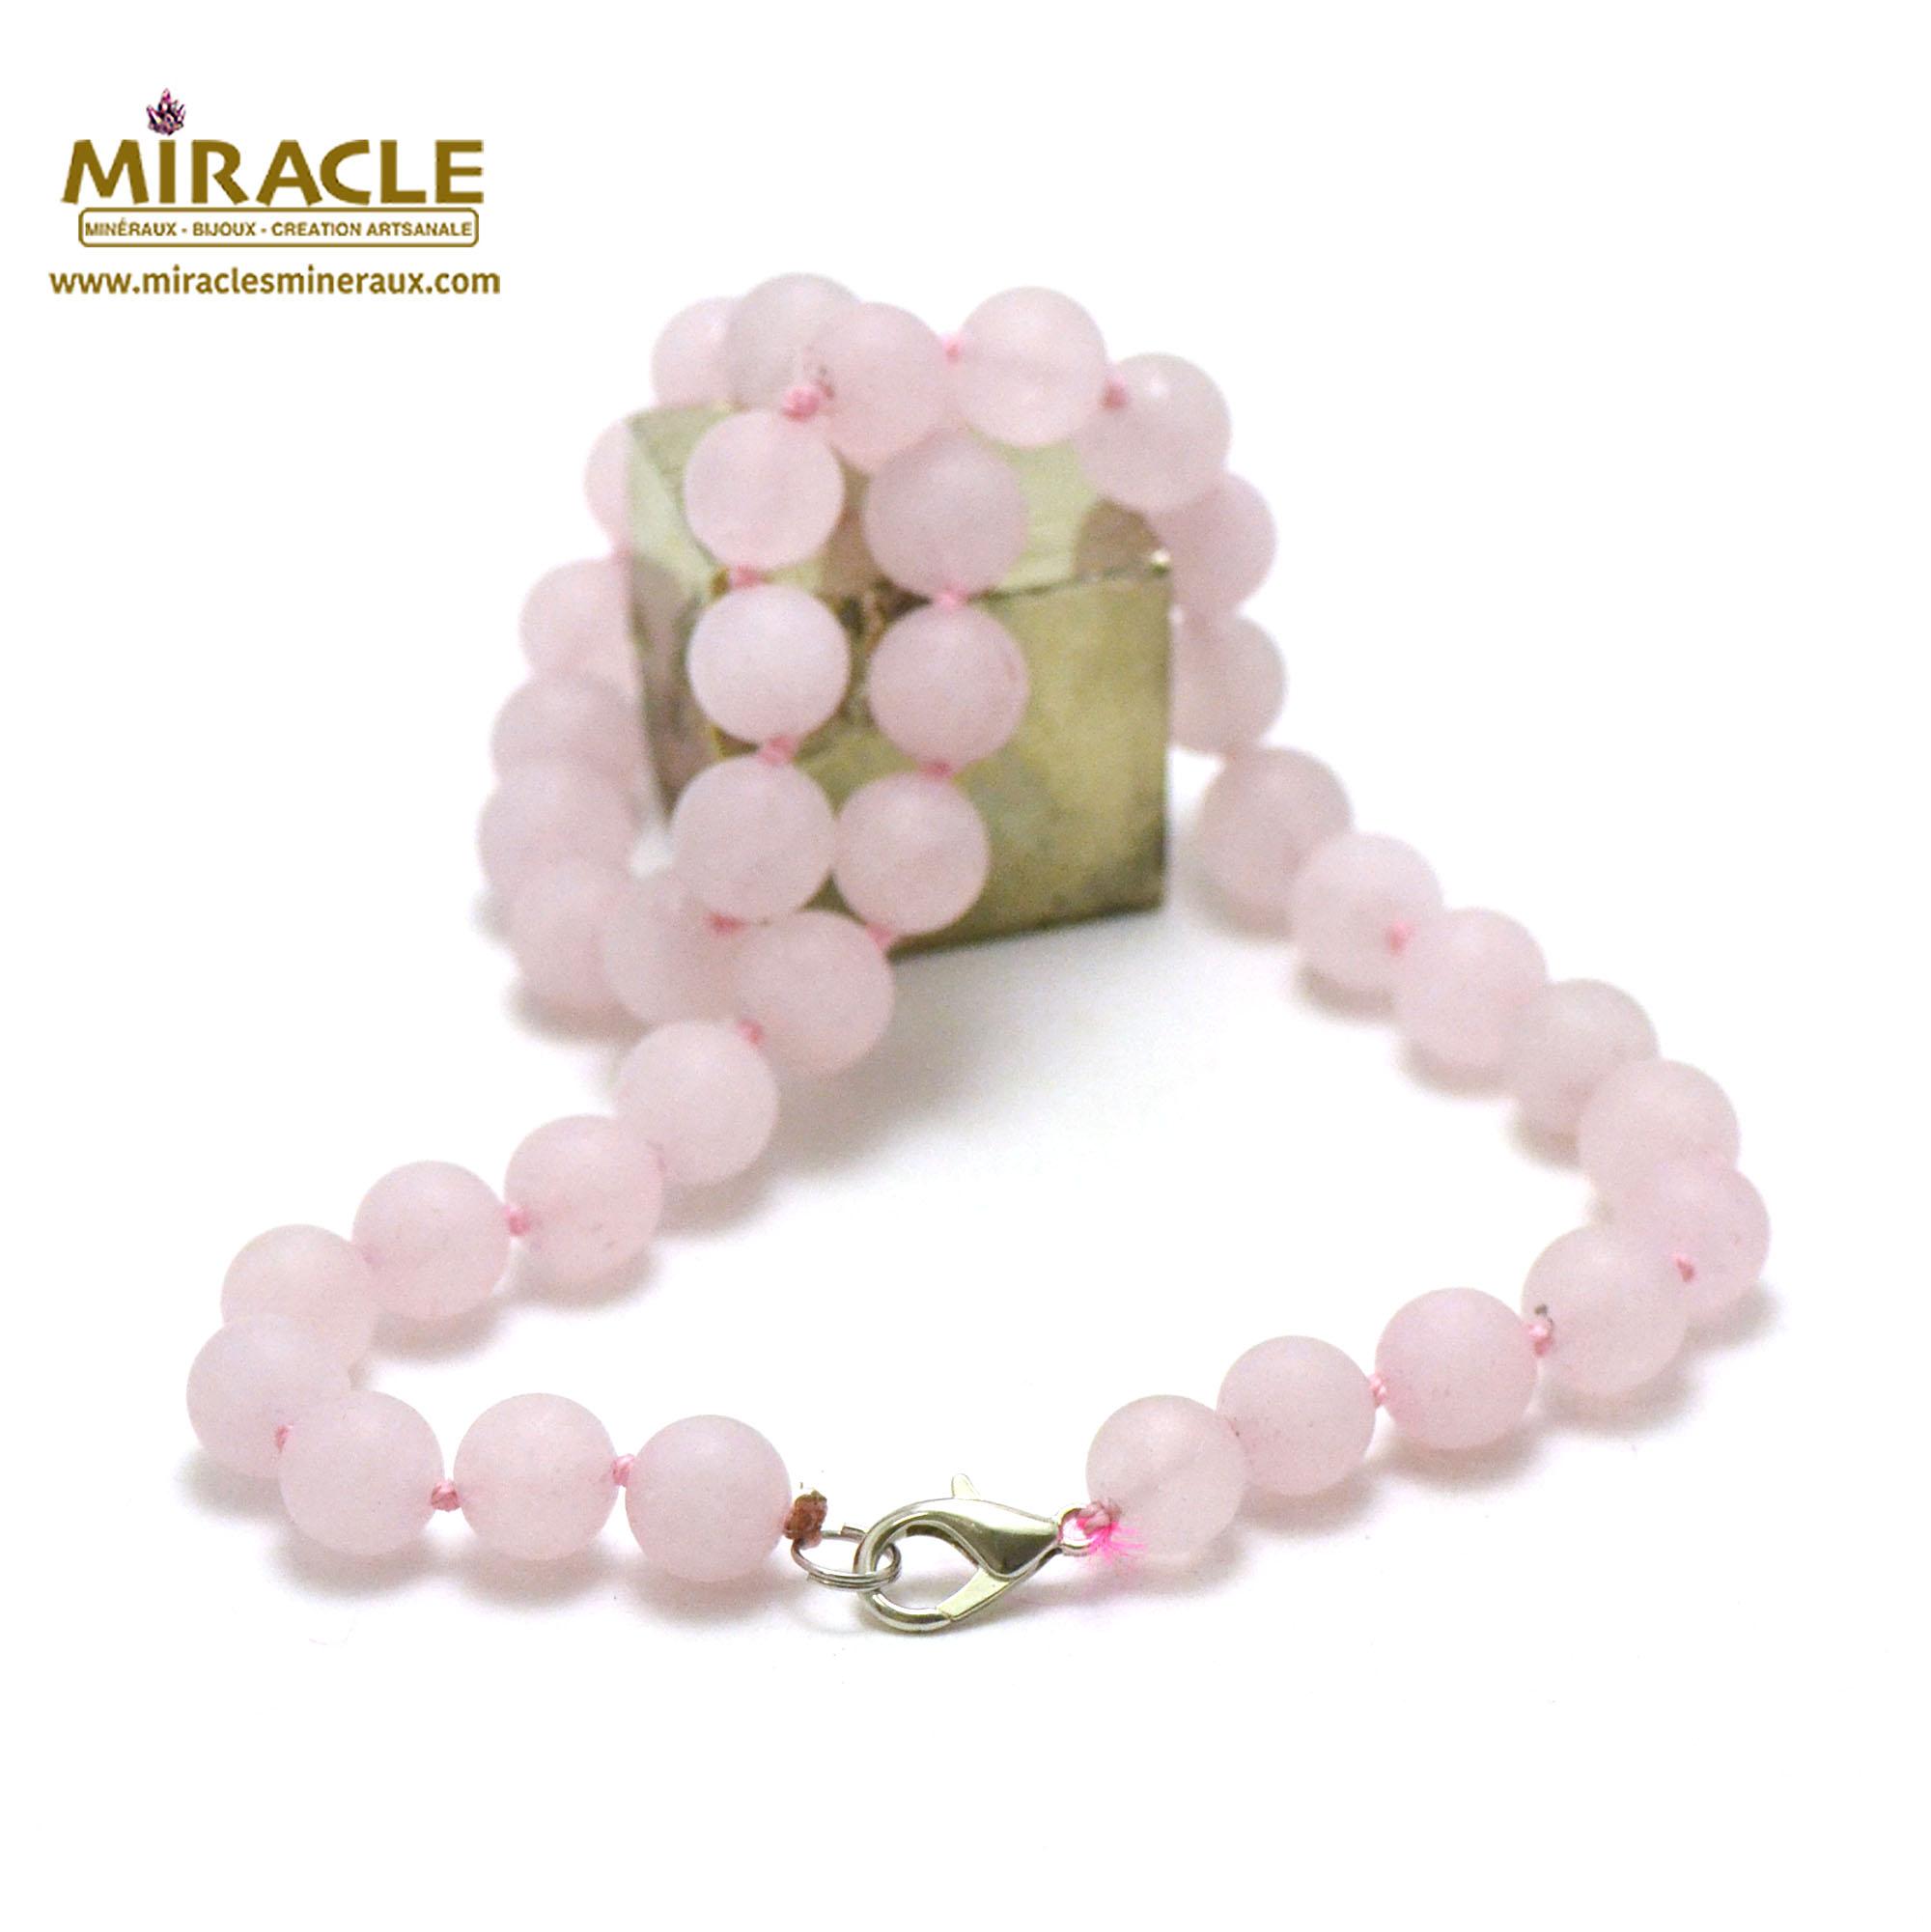 collier quartz rose givré perle mat ronde 10 mm